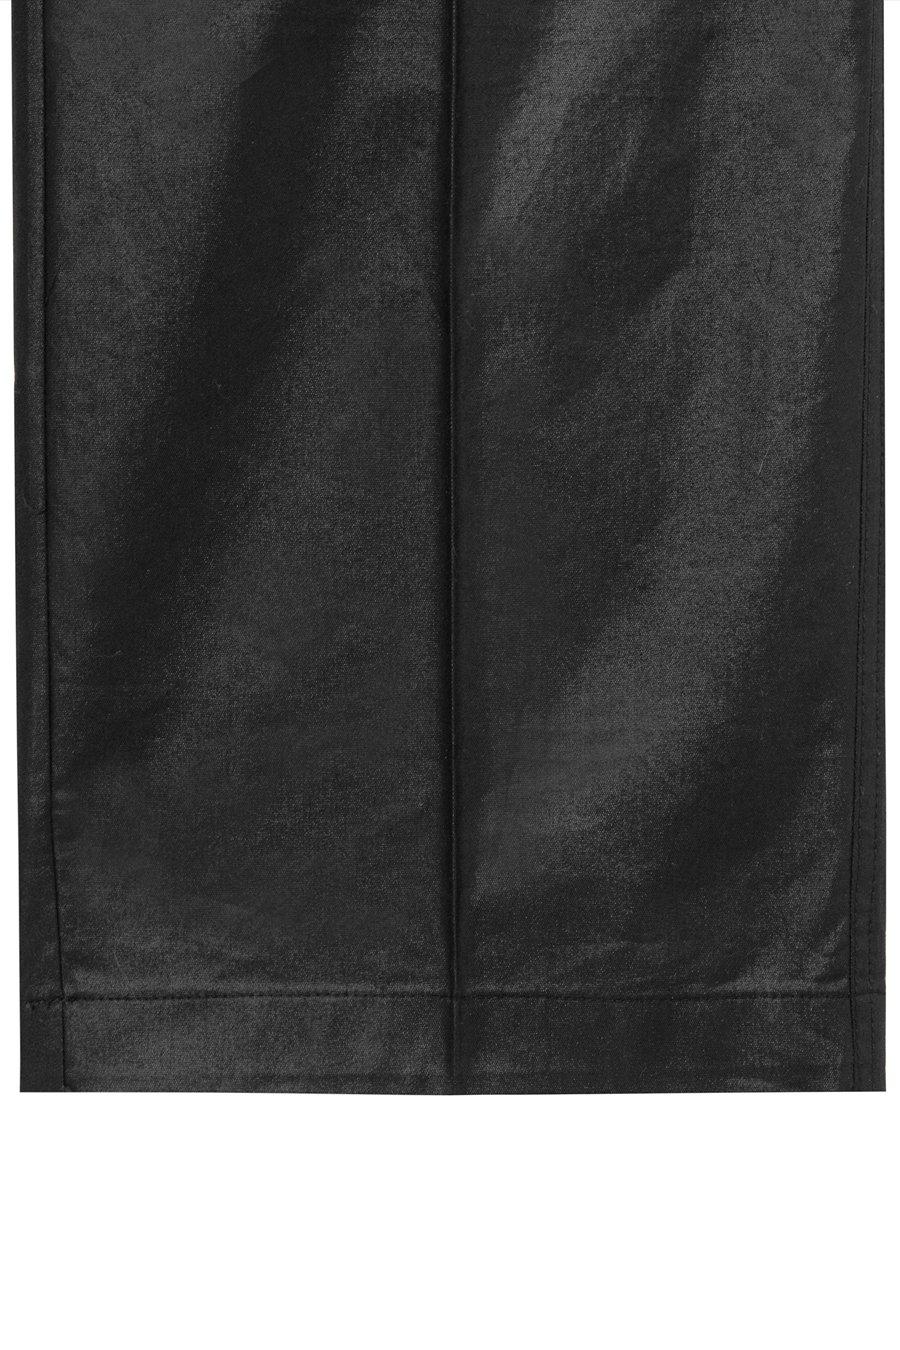 인사일런스(IN SILENCE) 코티드 코튼 세미와이드 팬츠 BLACK